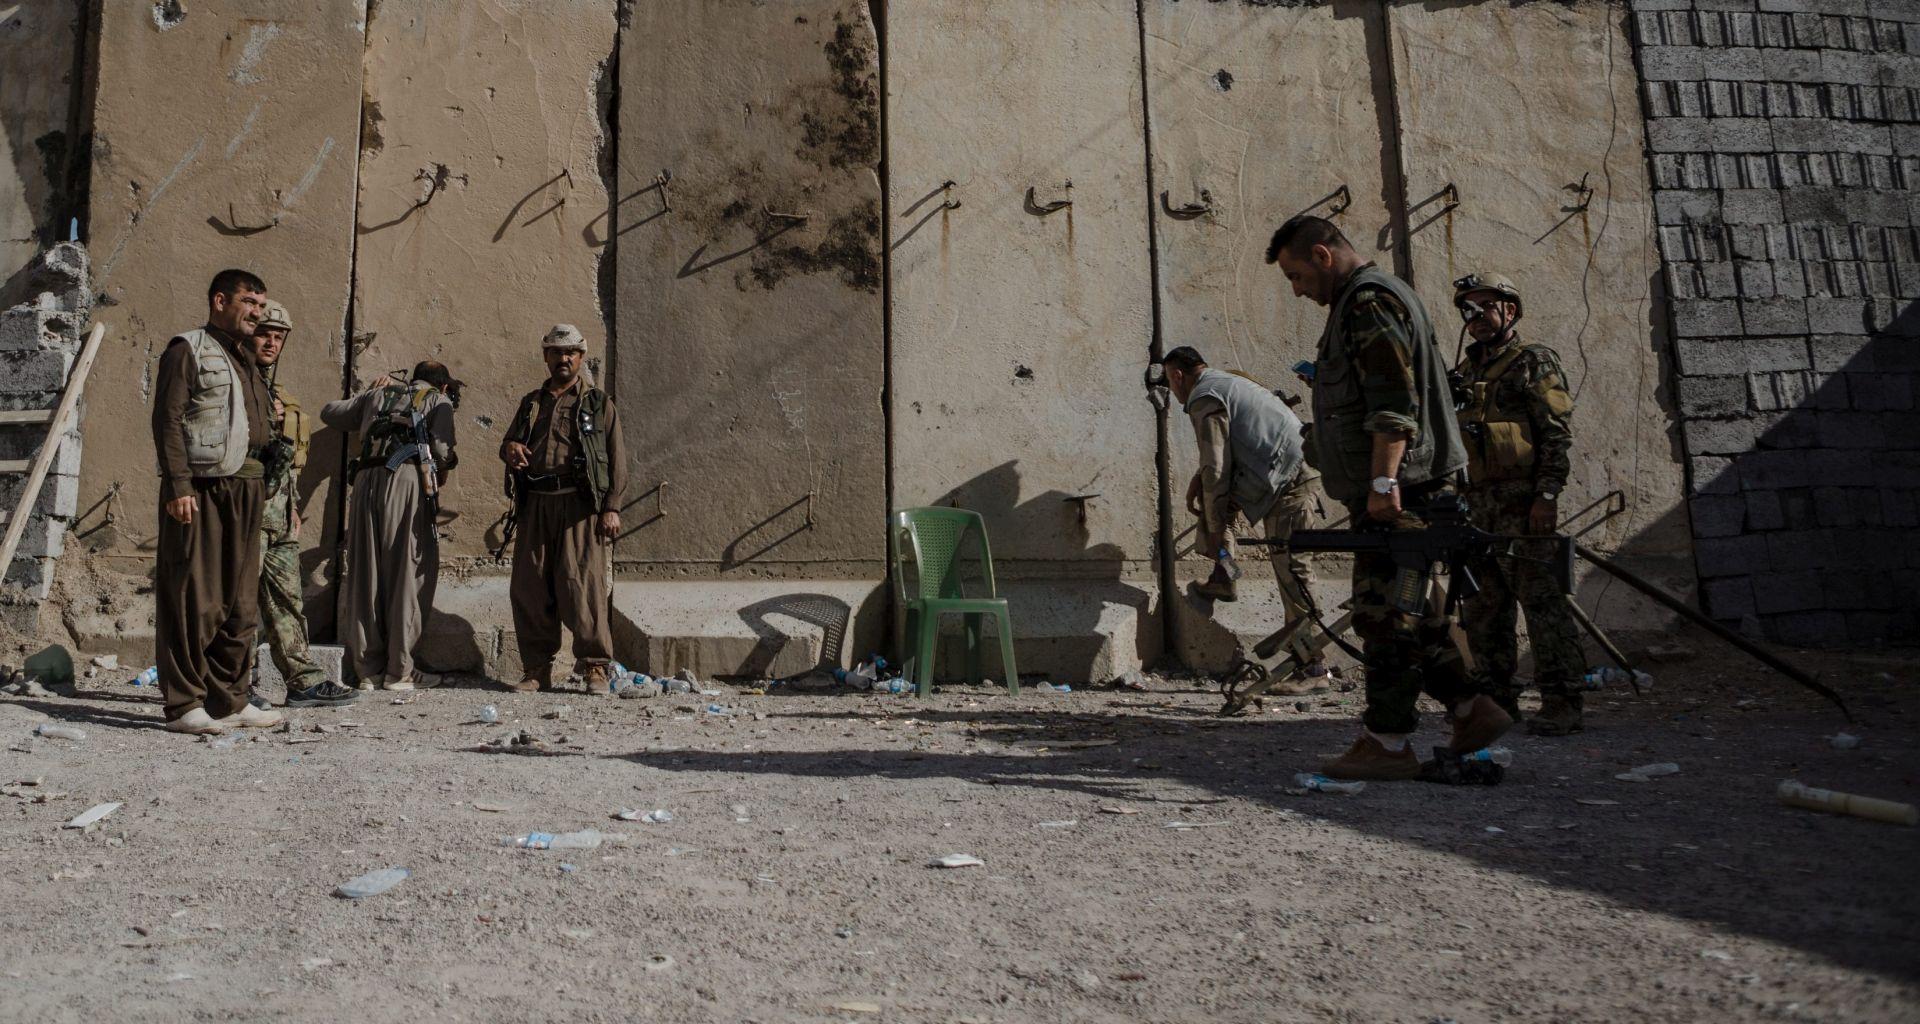 IRAČKE SNAGE: Sprema se ofenziva na Faludžu i stanovnici je trebaju napustiti